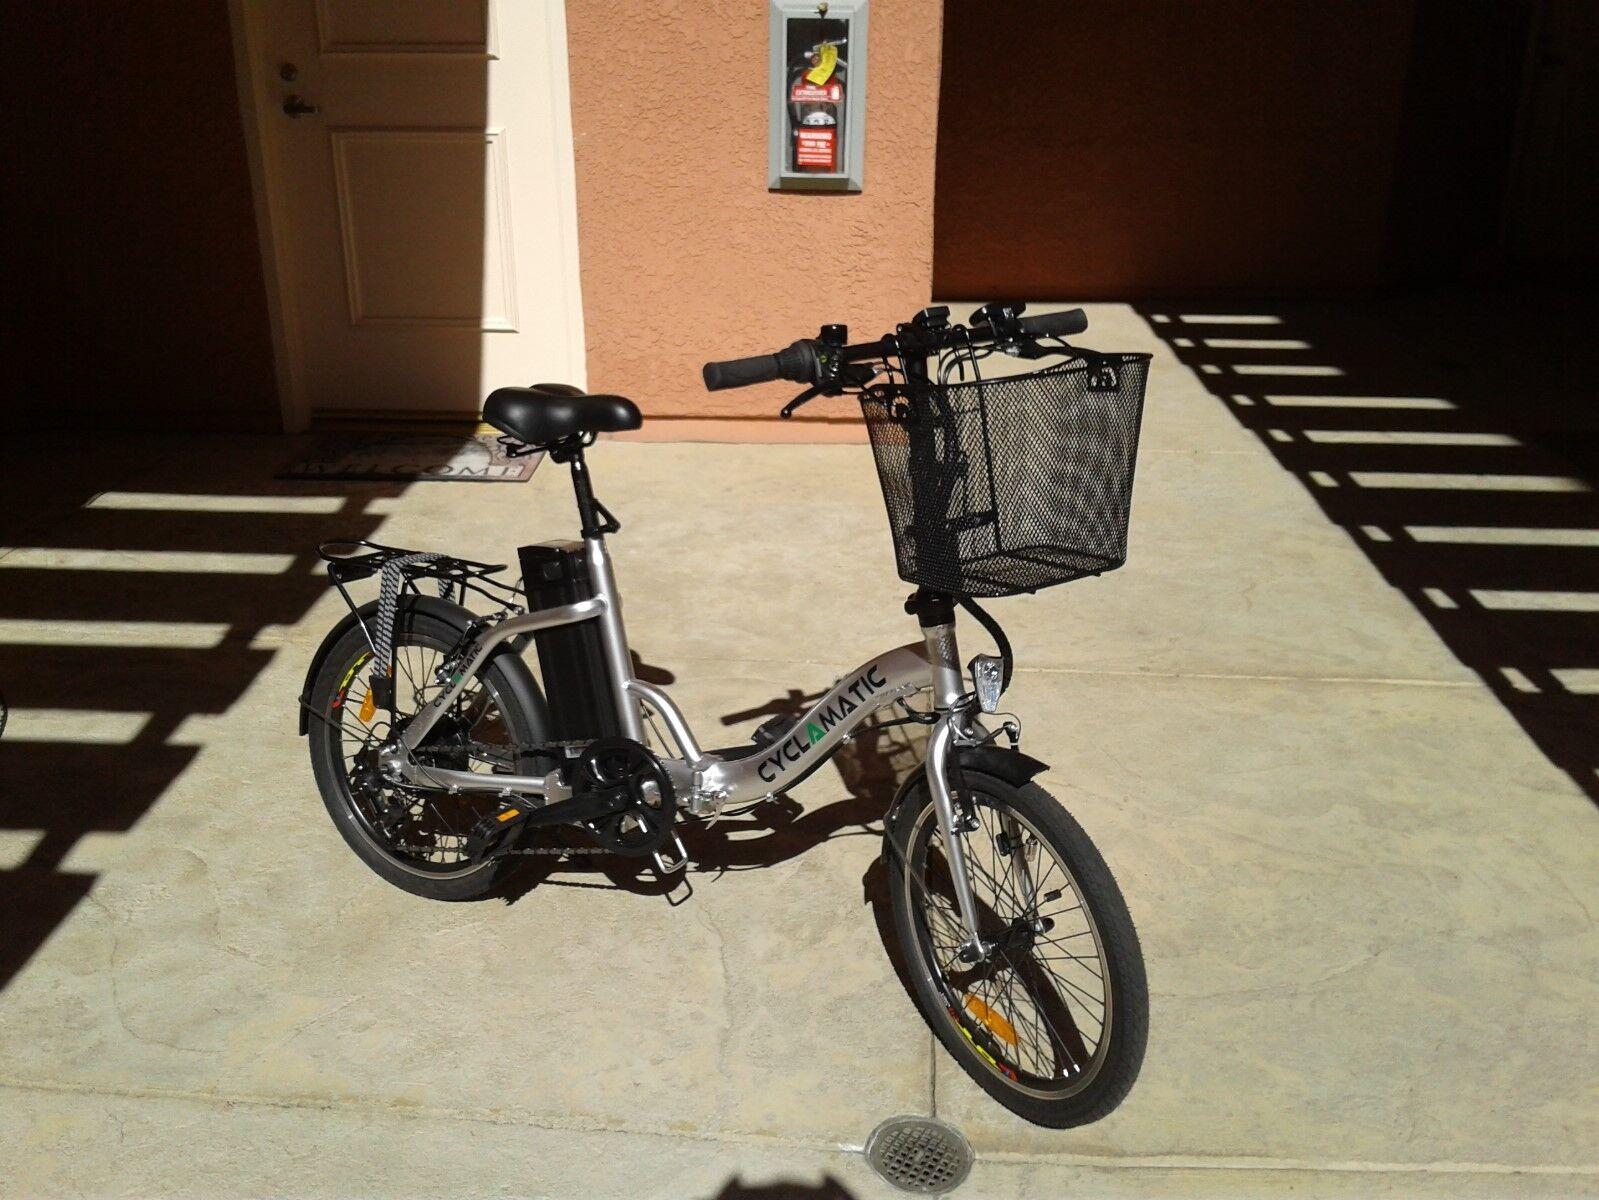 Cyclamatic CX2 6Gear 20 inch Folding e-Bike Front Basket Spe